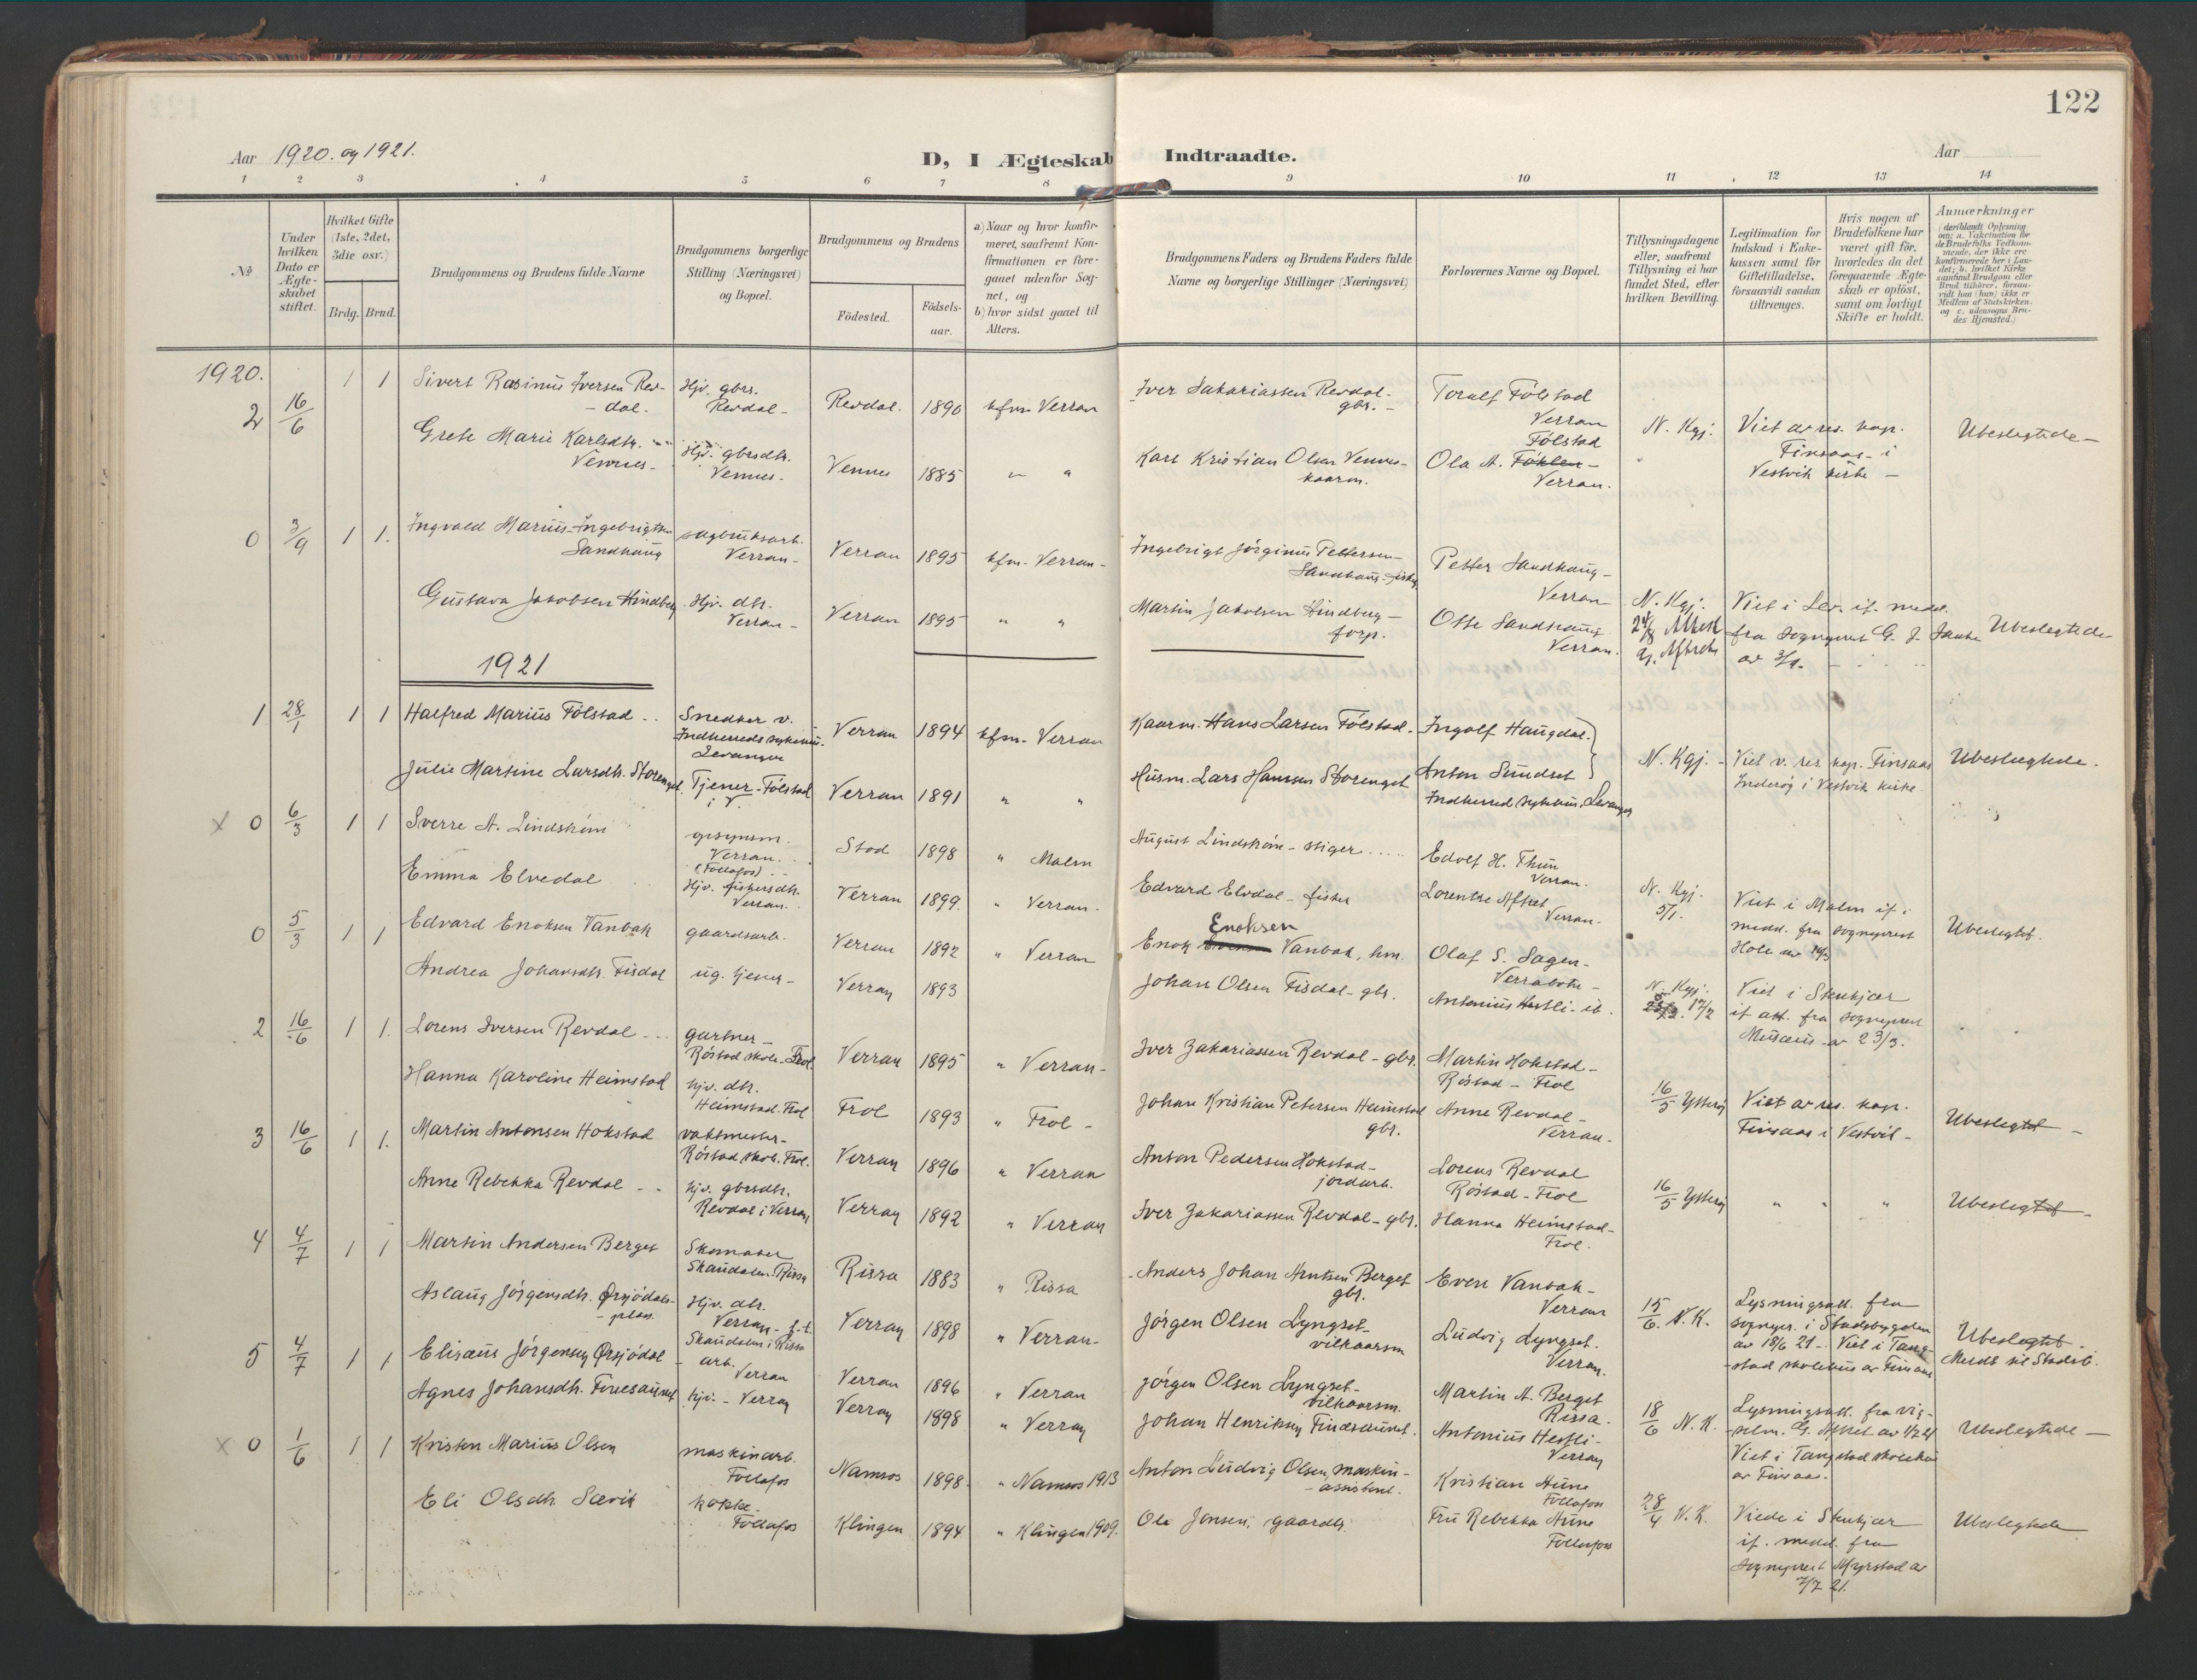 SAT, Ministerialprotokoller, klokkerbøker og fødselsregistre - Nord-Trøndelag, 744/L0421: Ministerialbok nr. 744A05, 1905-1930, s. 122